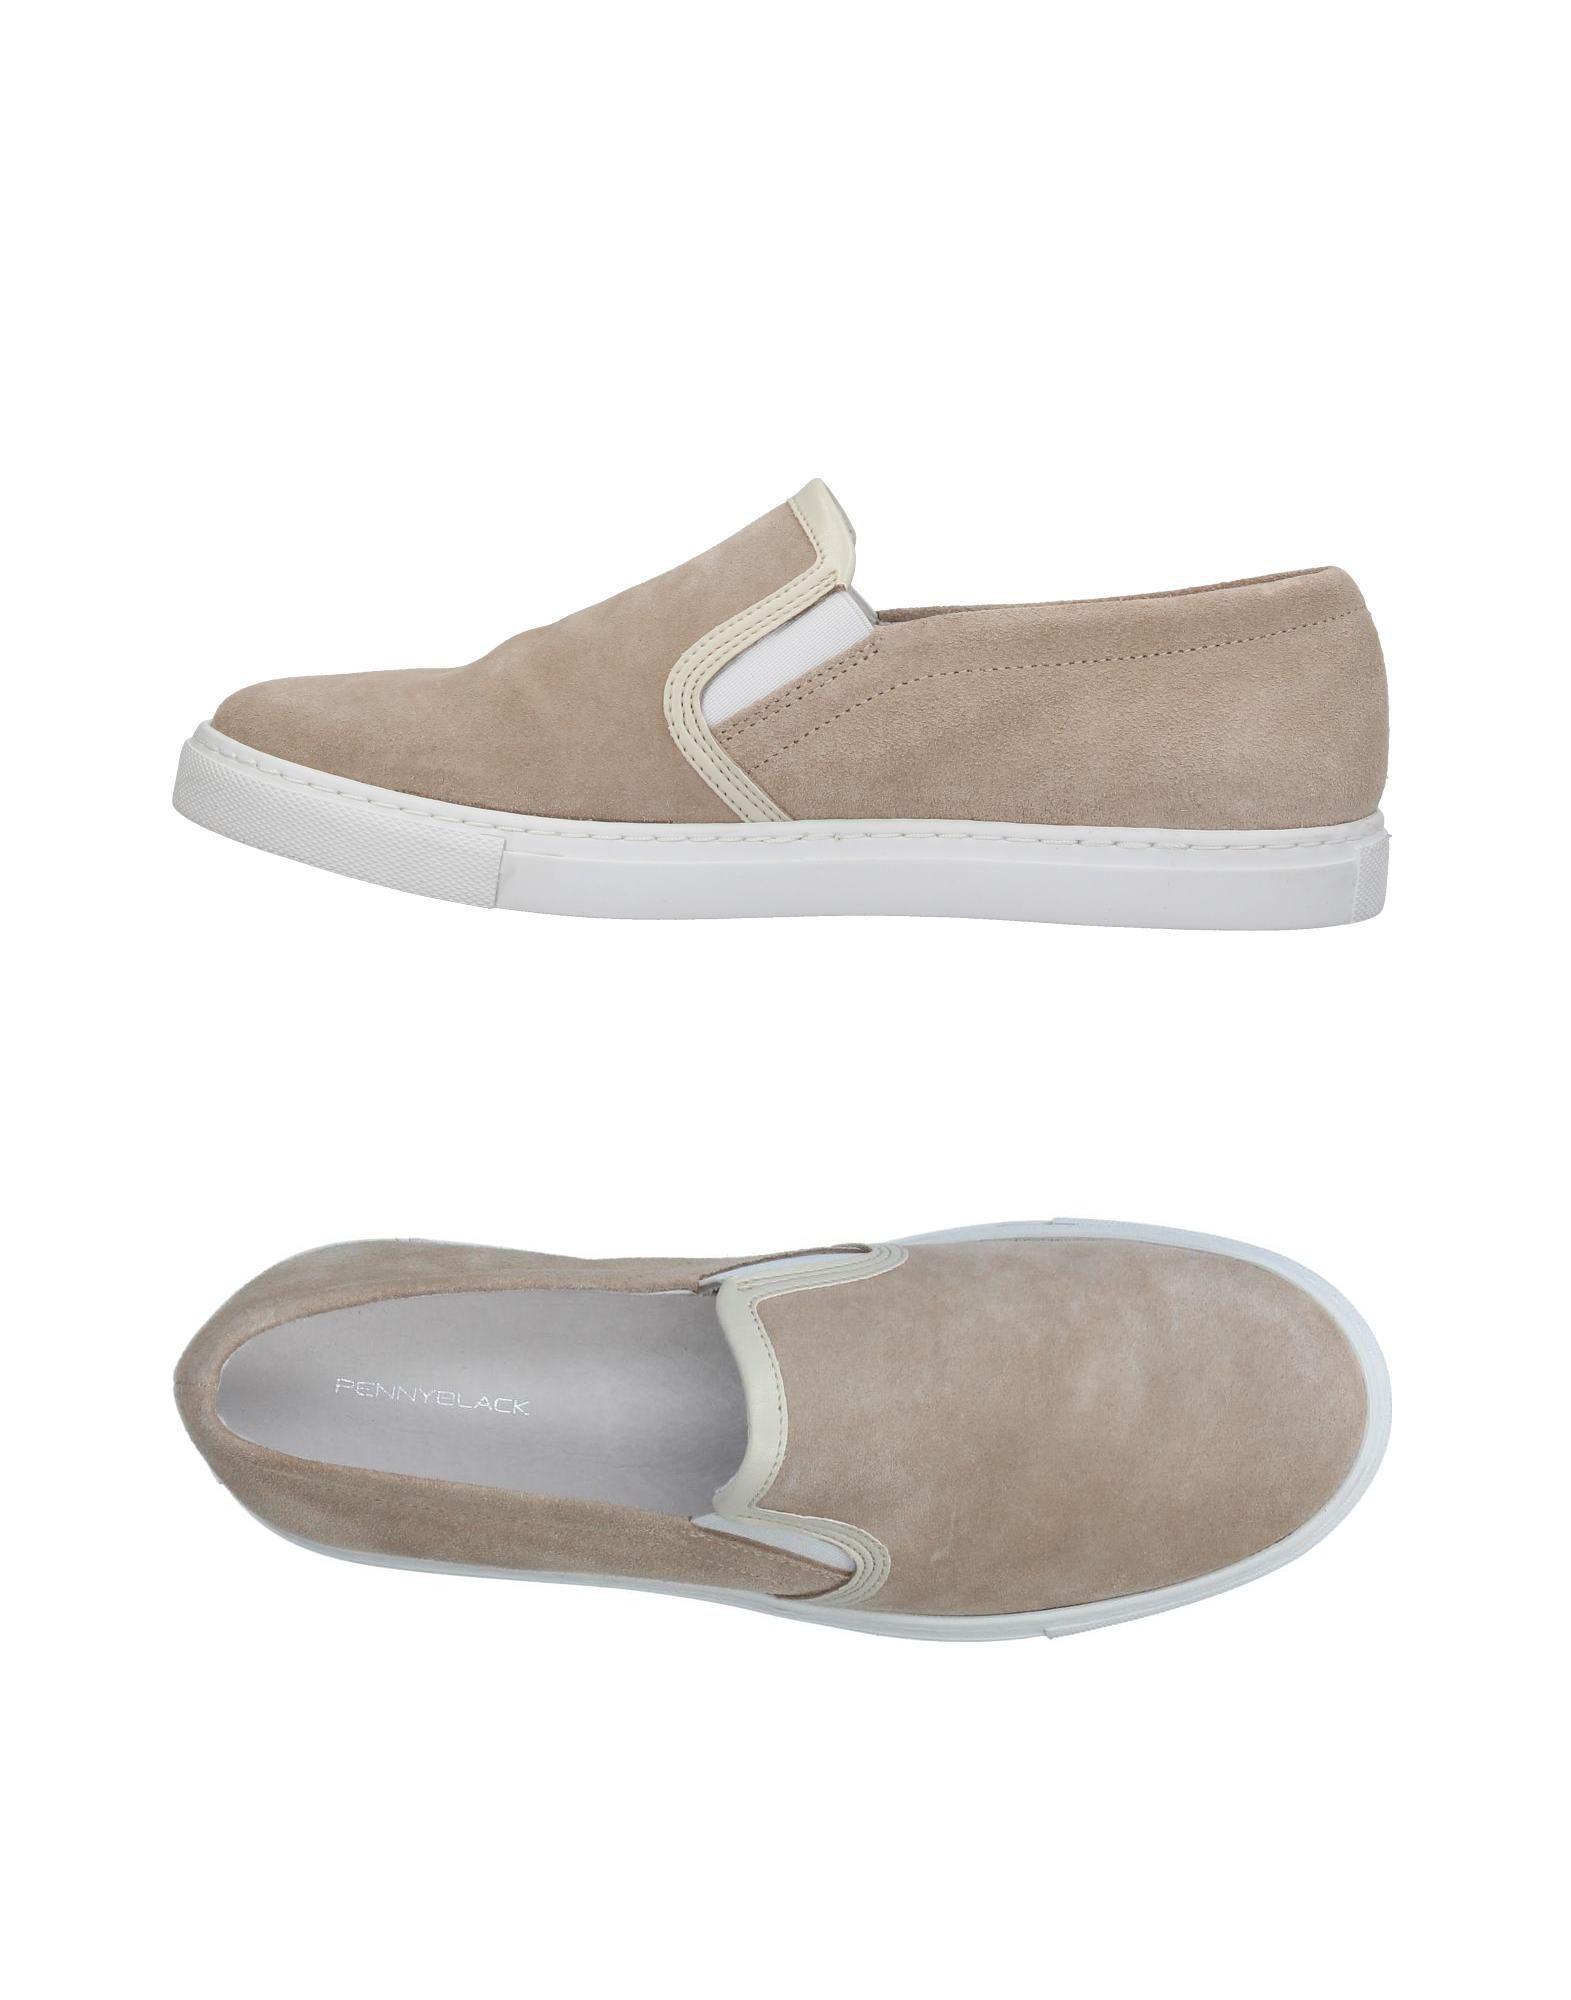 FOOTWEAR - Low-tops & sneakers Pennyblack zdam4ZGkQe